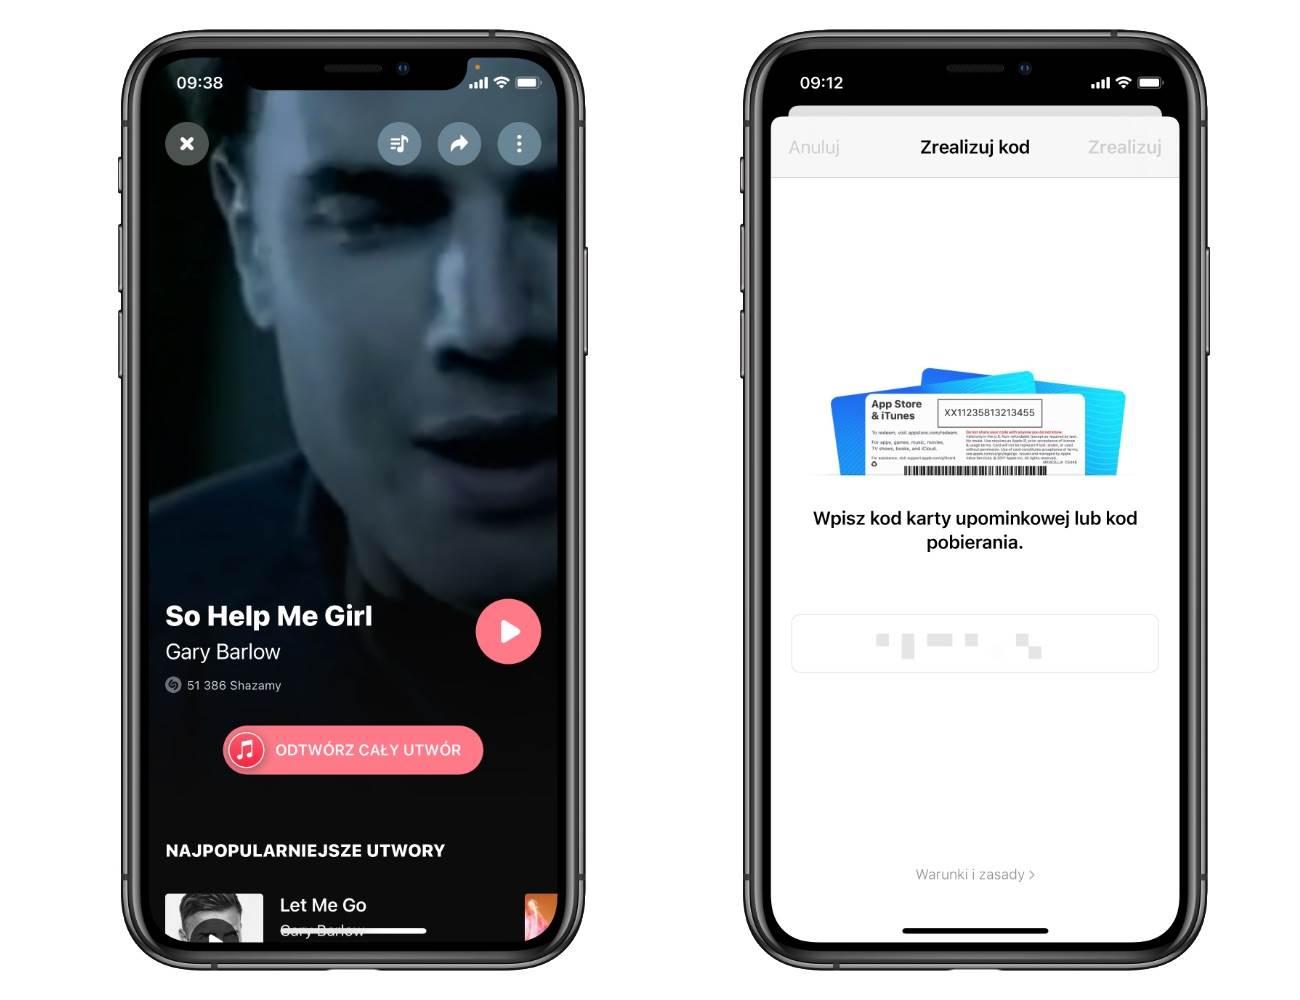 Uzyskaj nawet 5 miesięcy bezpłatnego dostępu do usługi Apple Music polecane, ciekawostki Shazam, Apple music, Apple, 5 miesięcy za darmo  Podobnie jak w zeszłym roku, Apple uruchomiło fantastyczną promocję dla wszystkich użytkowników iOS, oferując do 5 miesięcy bezpłatnego dostępu do Apple Music. AM 1